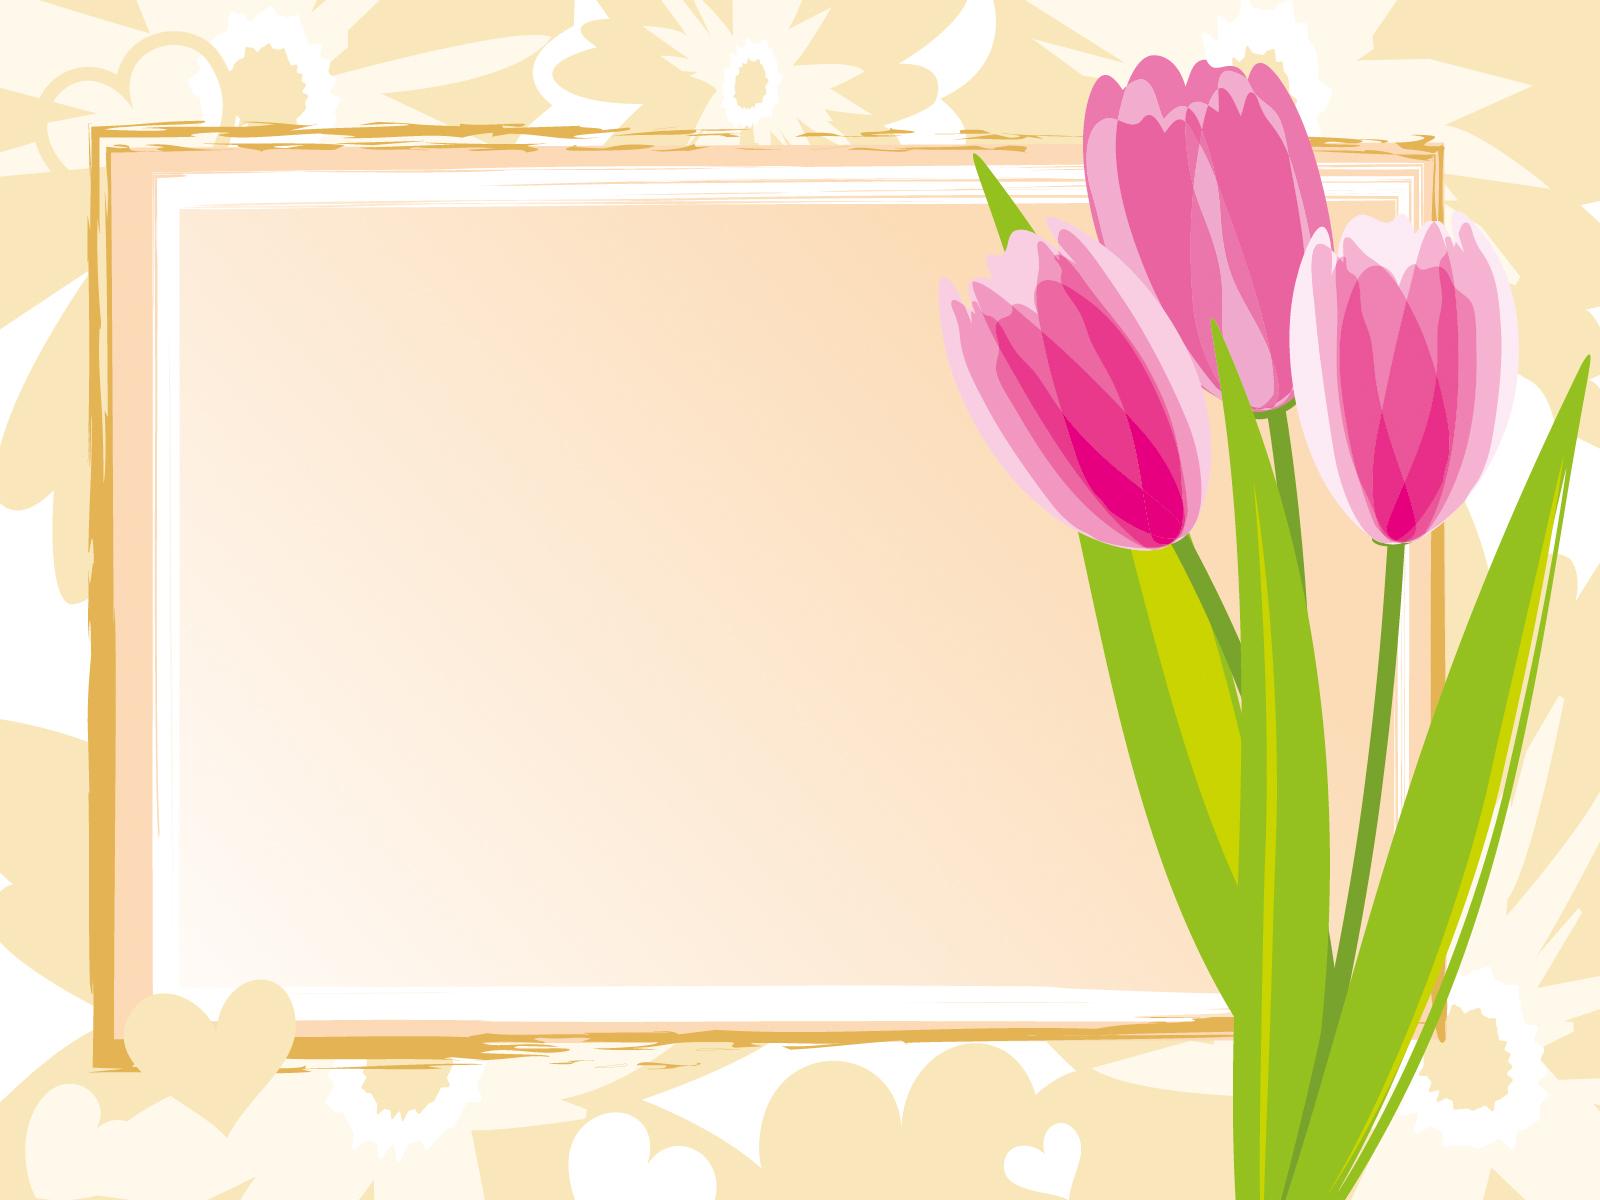 Pink Tulips Frame Backgrounds Border Amp Frames Flowers